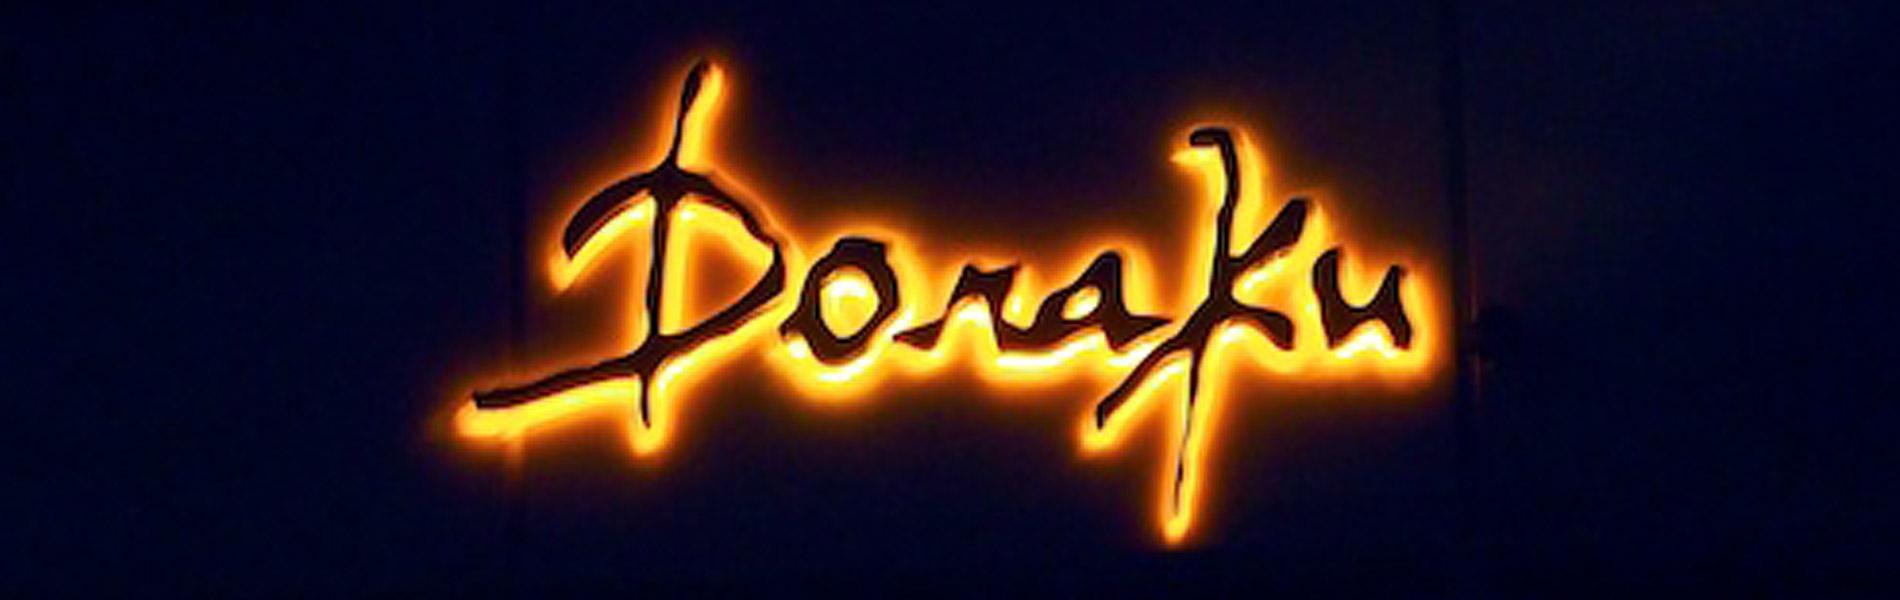 Doraku